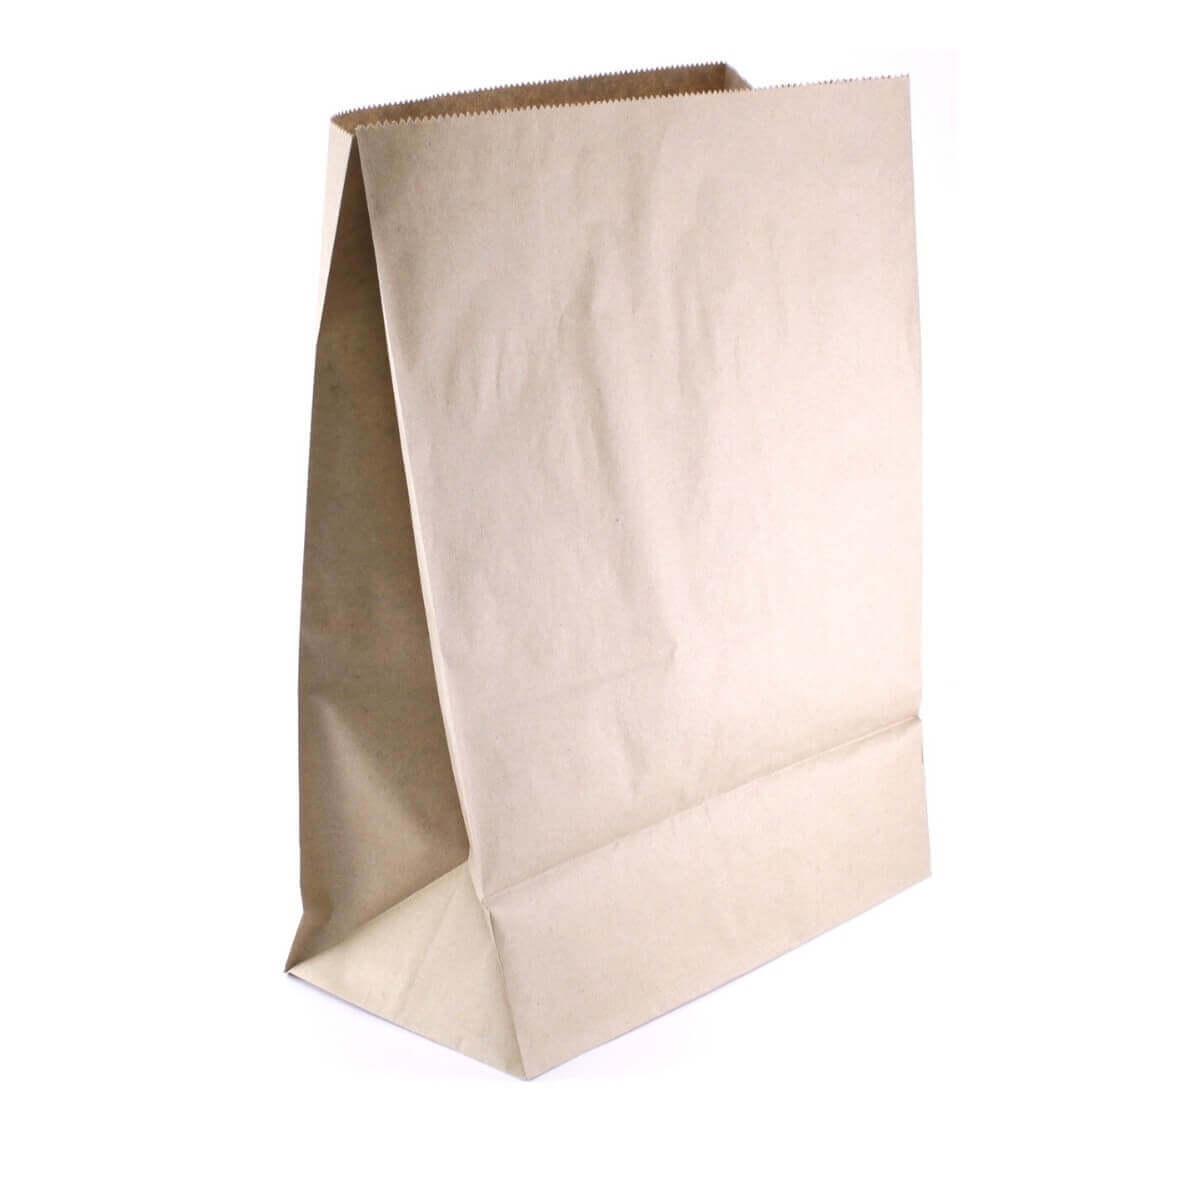 Kraft Brown Paper bags